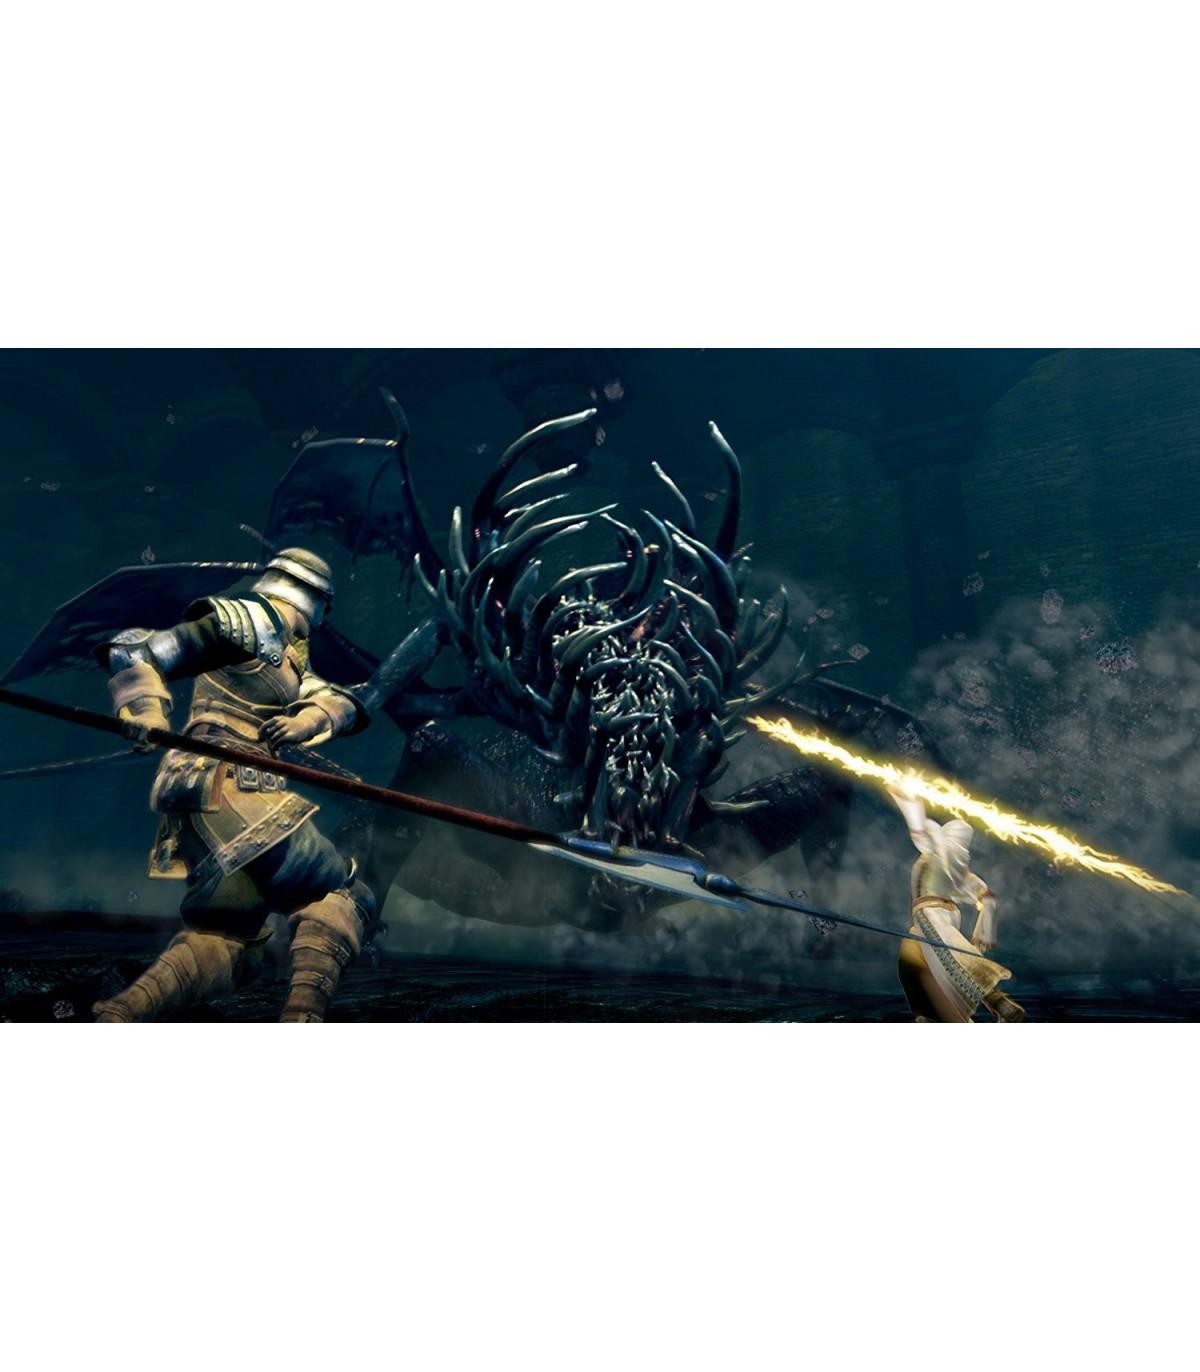 بازی Dark Souls Remastered کارکرده - پلی استیشن 4